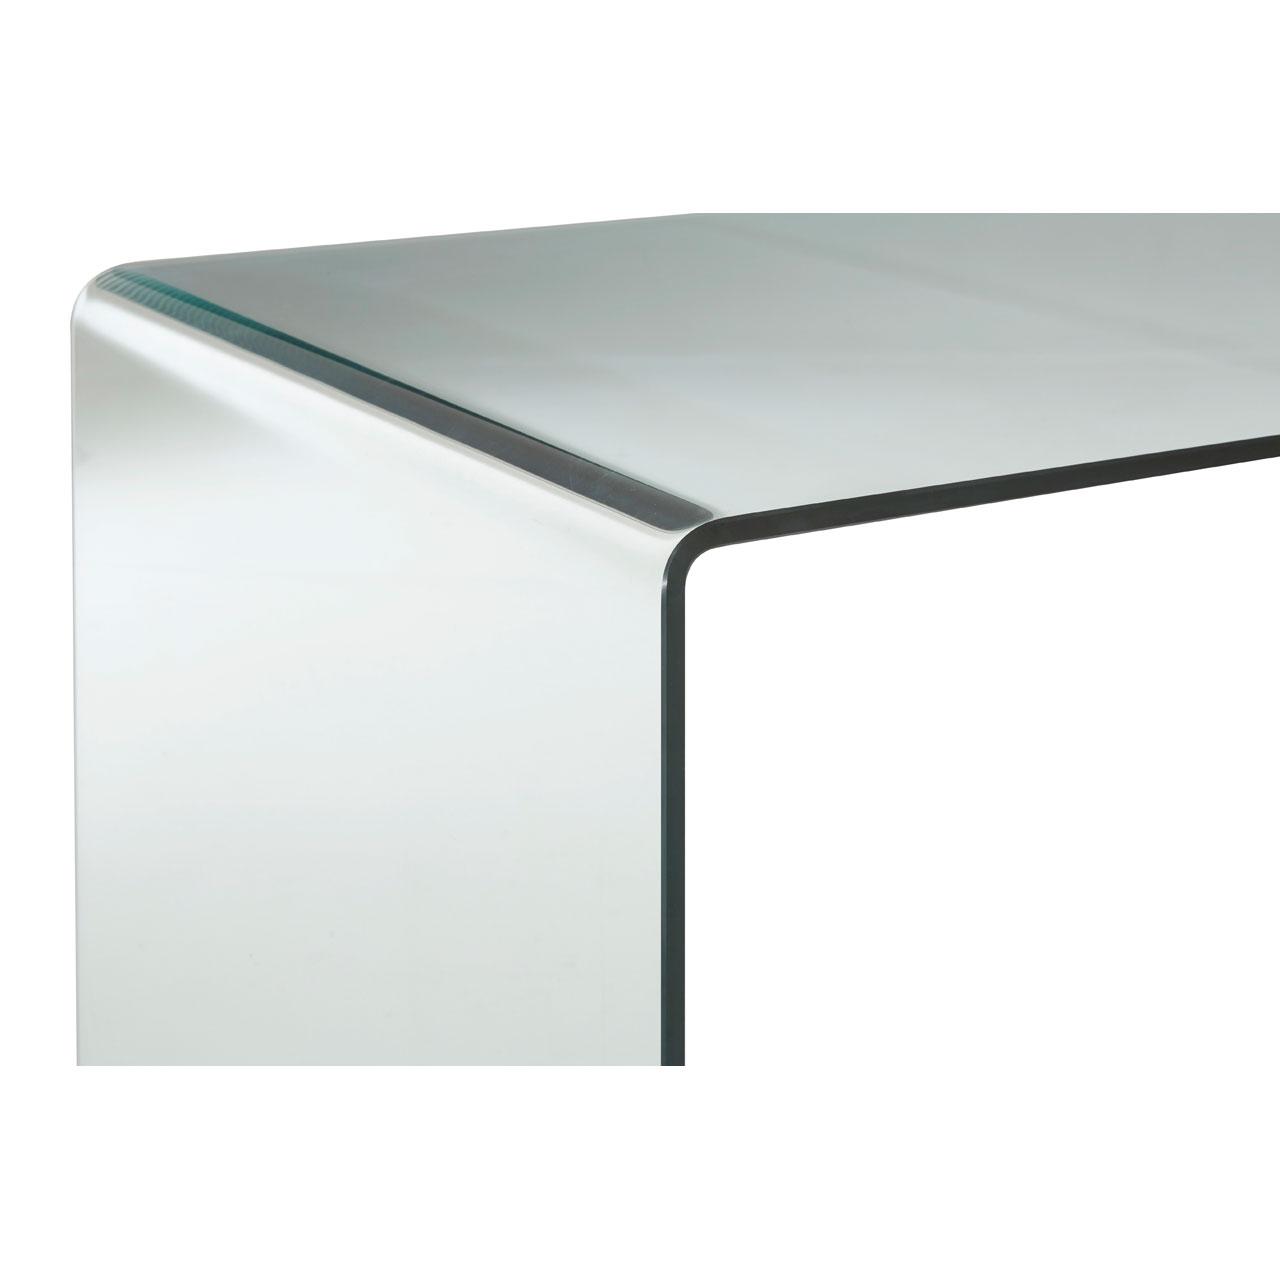 Utrusive Glass Desk